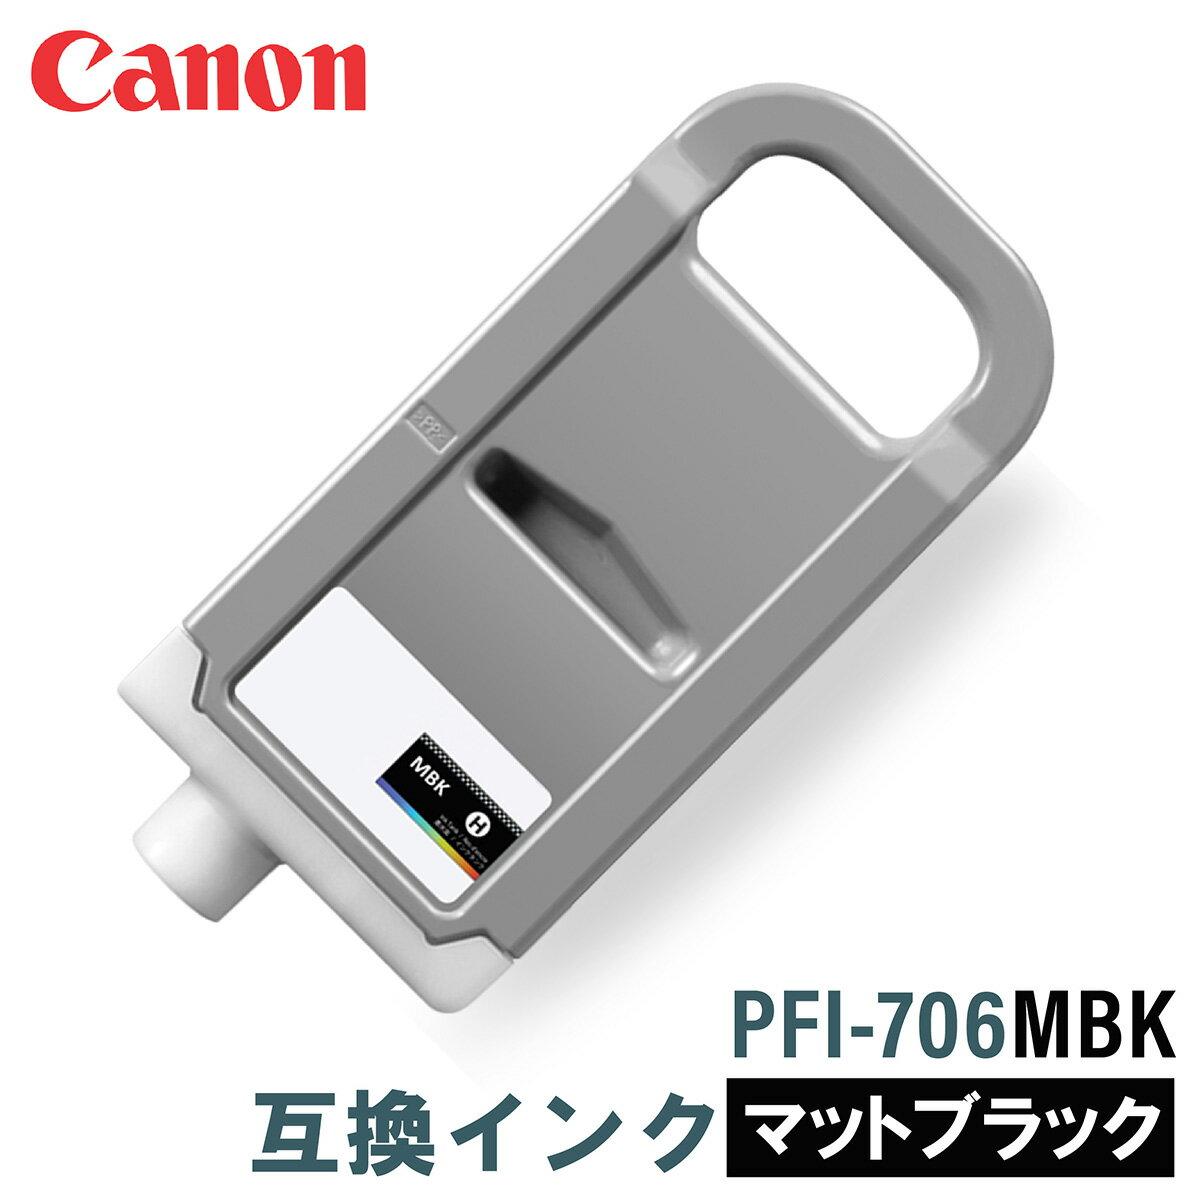 キャノン CANON PFI-706MBK マットブラック 700ml 互換インク インクタンク インクカートリッジ 顔料 大判プリンター パソコン周辺機器 低価格 送料無料